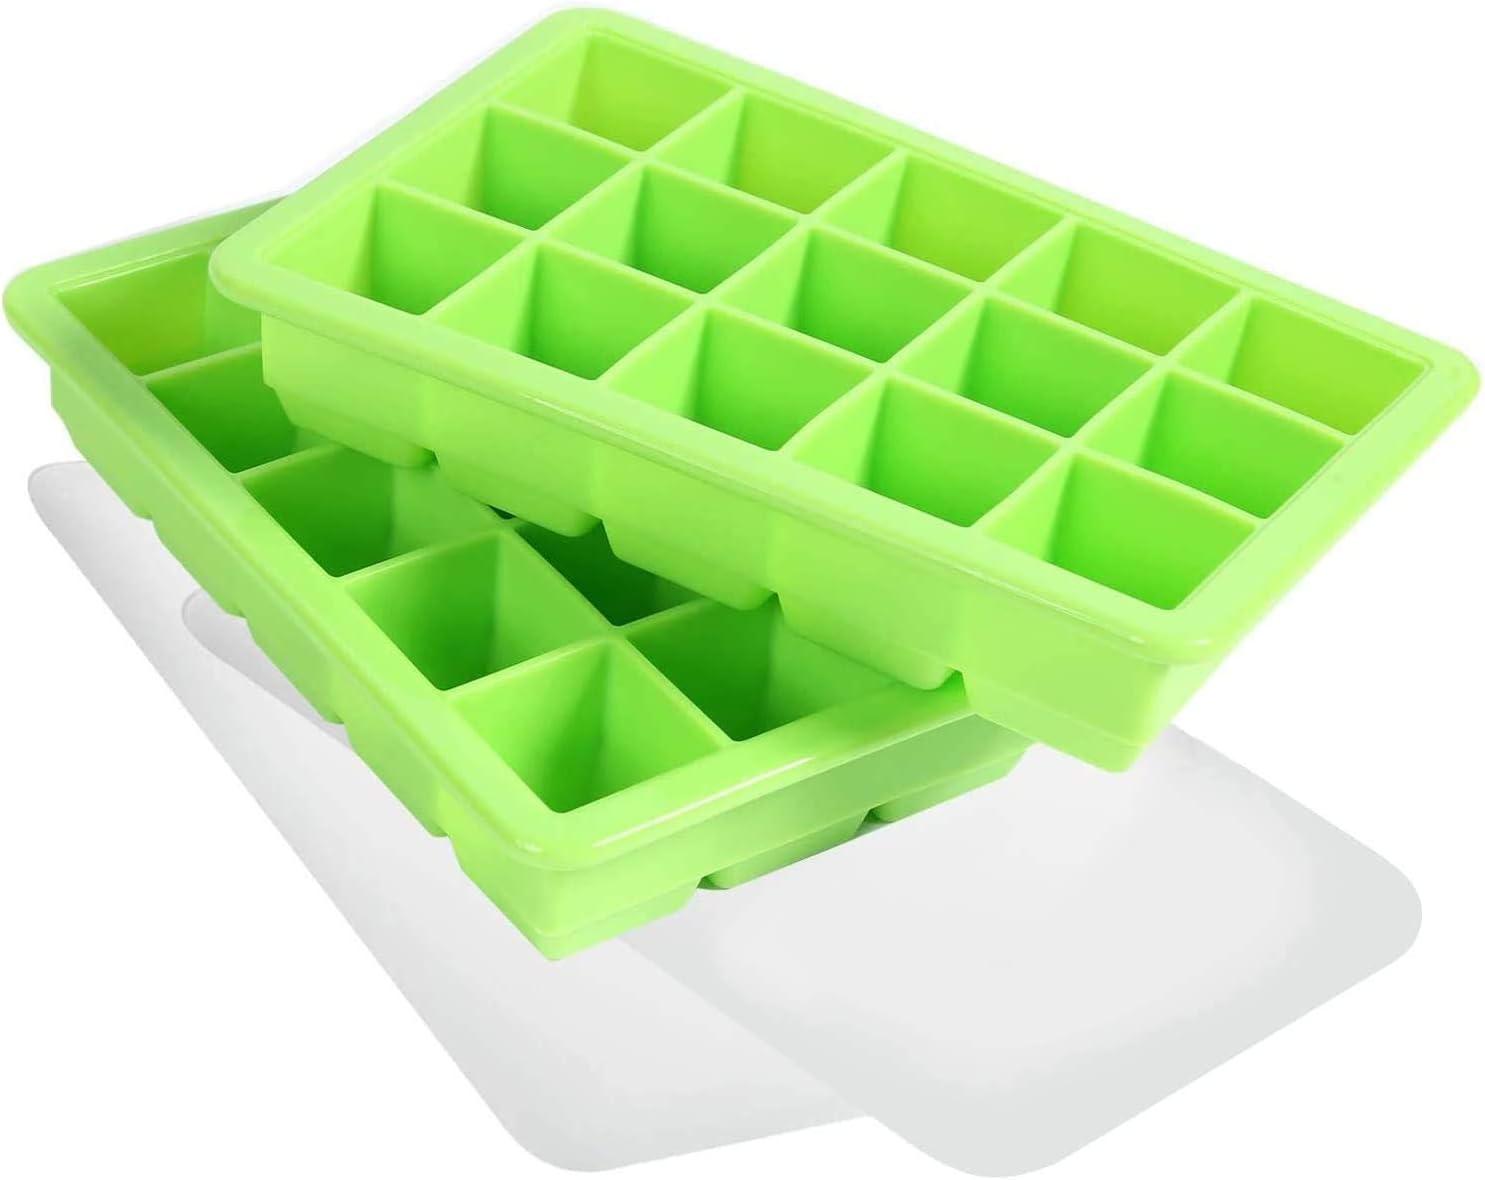 LessMo 2 Piezas Bandeja Grande, Silicona para Cubitos de Hielo de con Tapa, Apilables y Que Ahorran Espacio, Certificación LFGB Sin BPA para Bebidas y Alimentos para Bebés